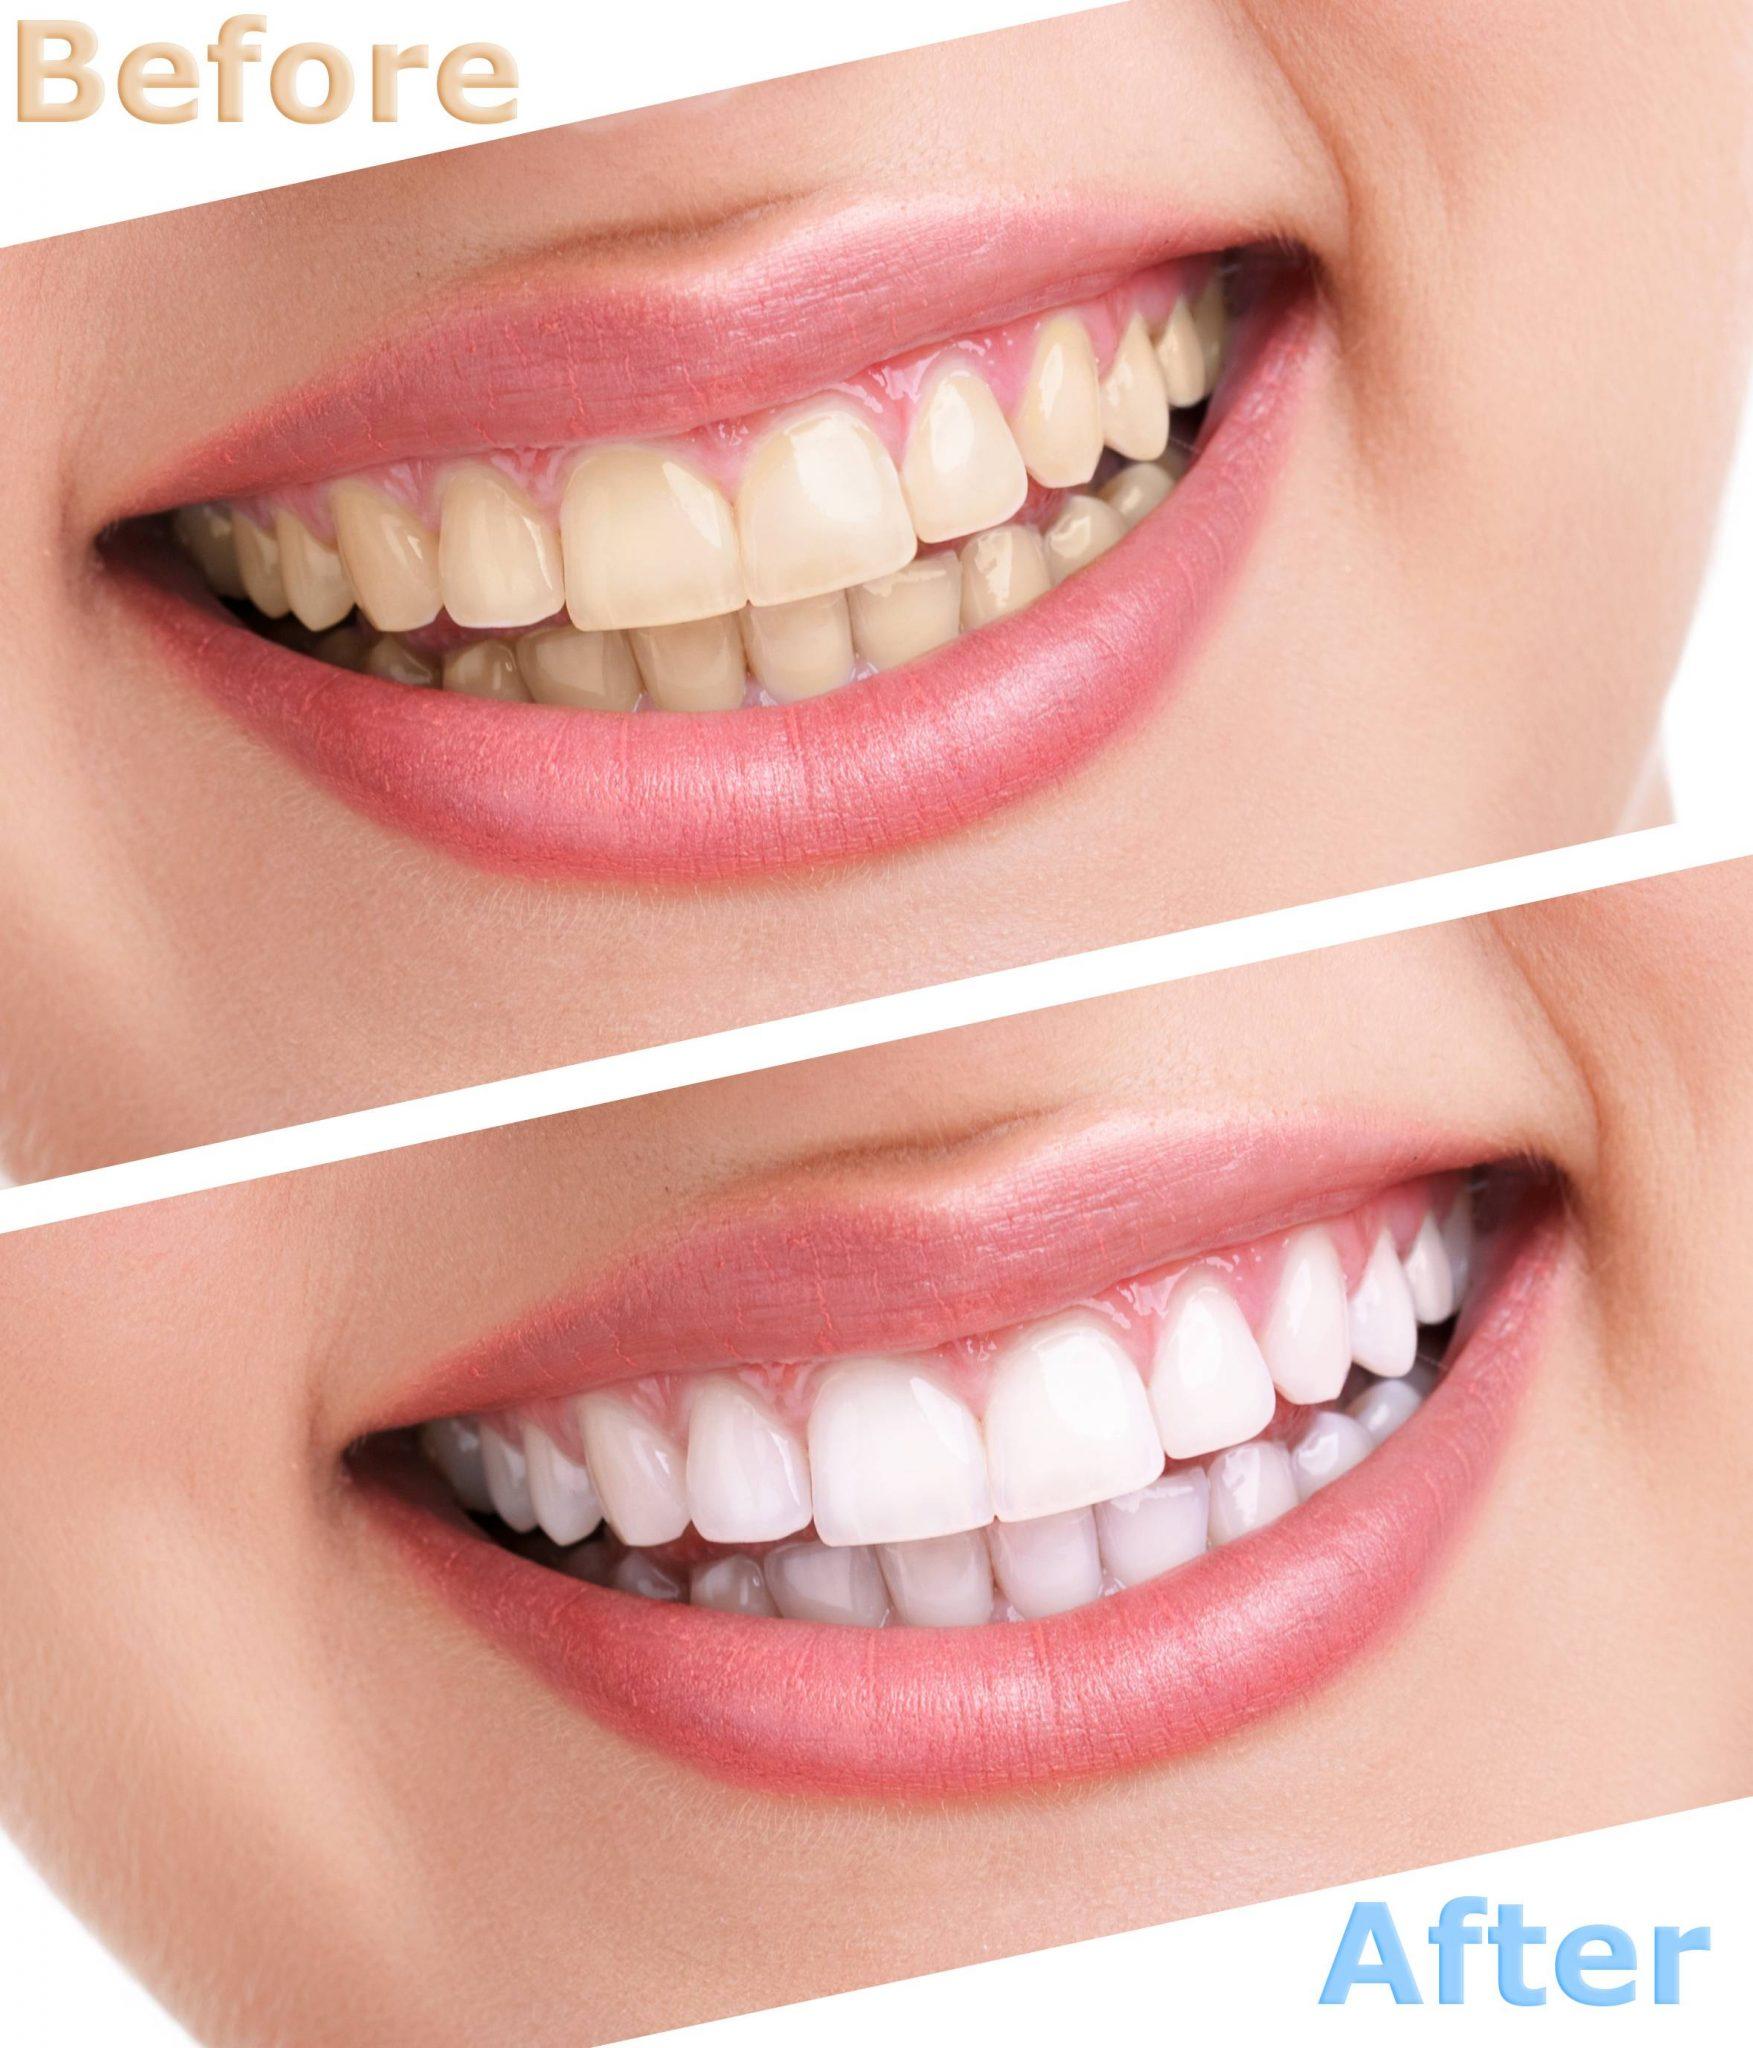 التخلص من جير الأسنان